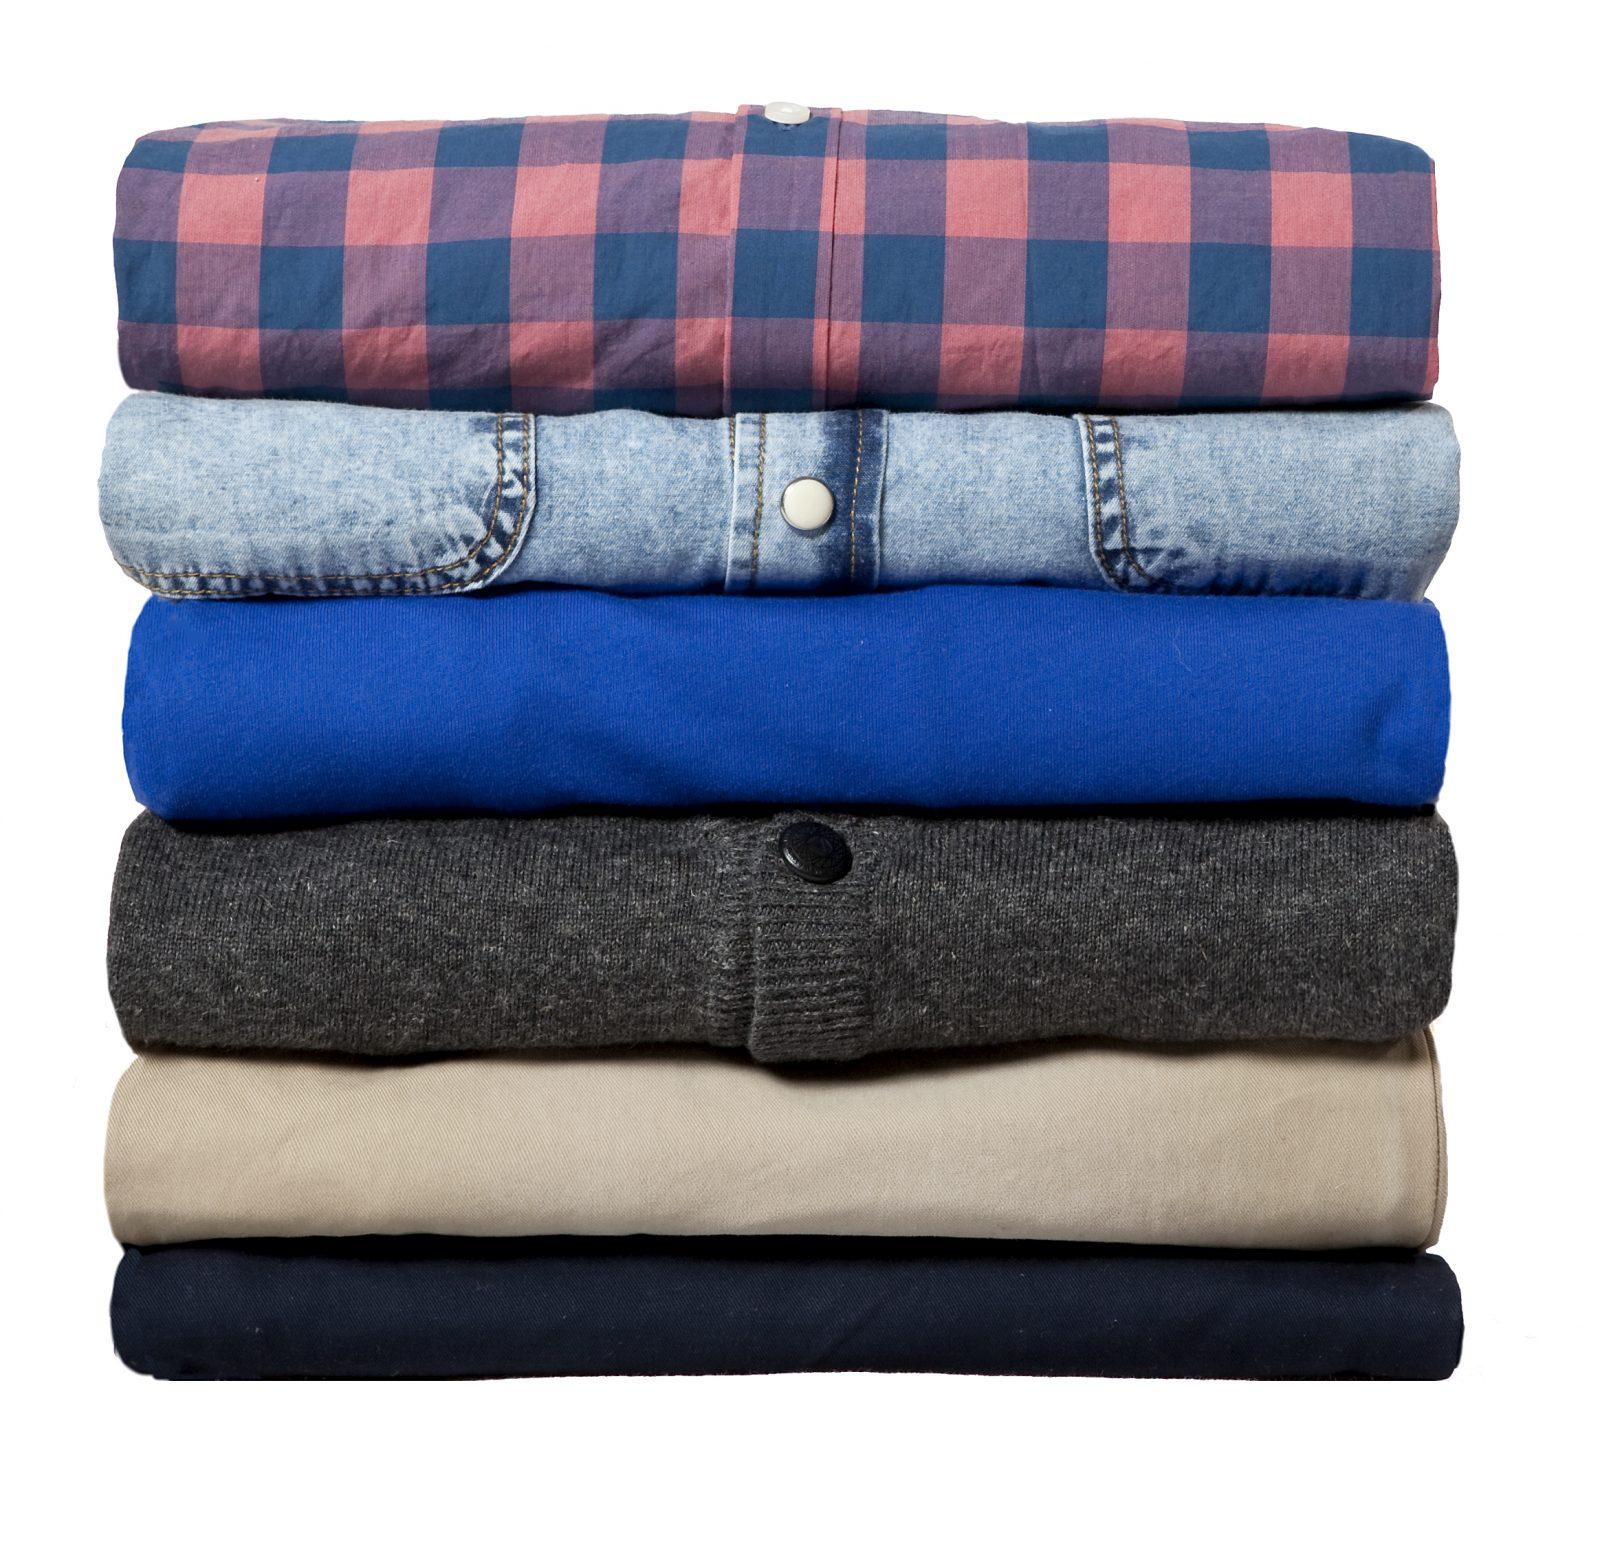 Berufsbekleidung: Was darf ich tragen?